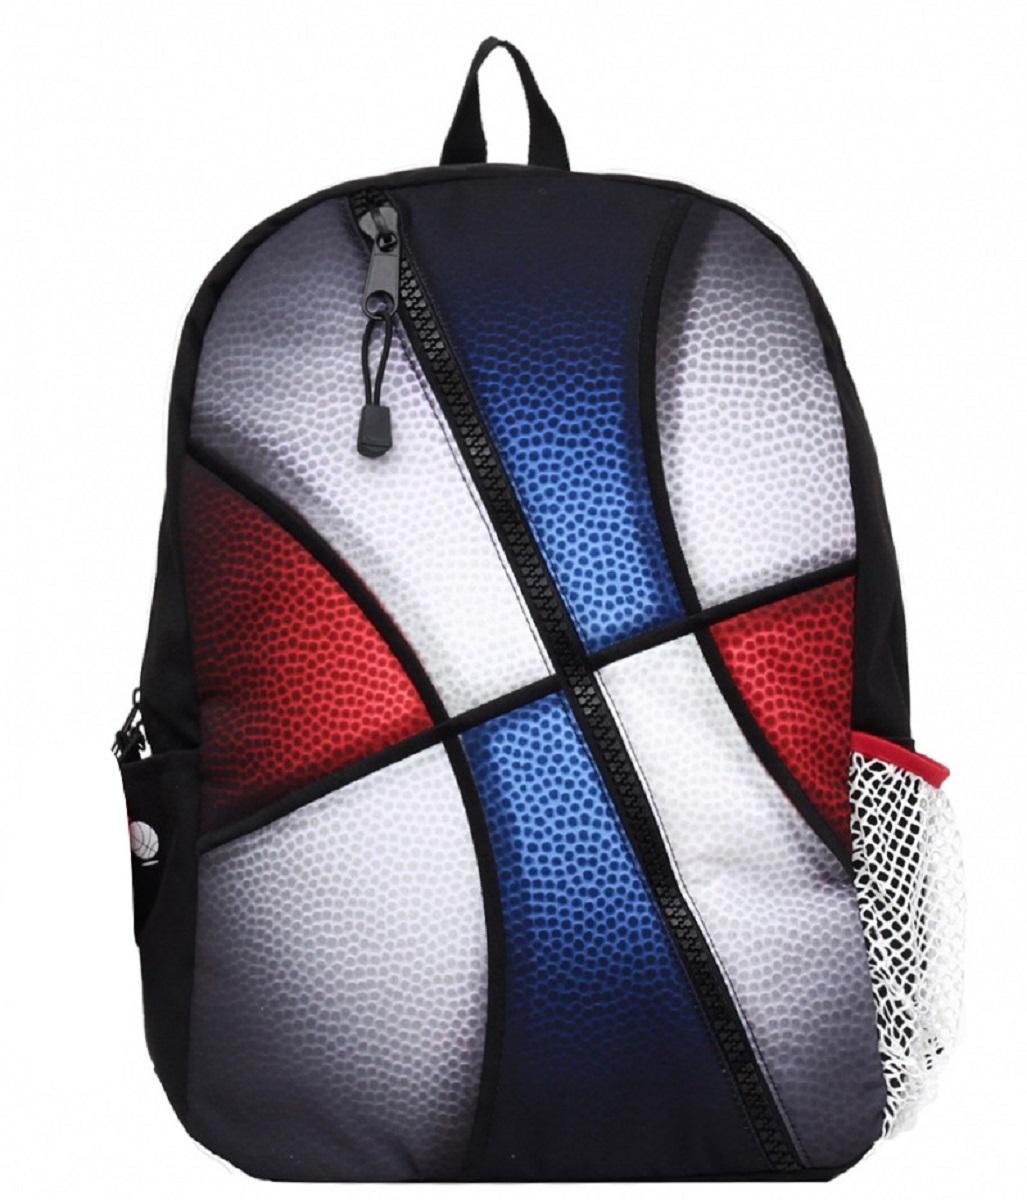 Рюкзак молодежный Mojo Sport, 20 лRivaCase 7560 blueОсобенности рюкзака Mojo:Выполнен из высококачественного полиэстера и покрыт полиуретановым слоем, препятствующим выгоранию на солнце и проникновению внутрь воды.Вместительный отсек для вещей, а также отсек для планшета с плотной подкладкой.Переносить рюкзак удобно за прочную текстильную ручку.Уплотнены ремни, спинка и дно рюкзака.Мягкие регулируемые наплечные лямки.Фирменная массивная молния Mojo.Светится в ультрафиолете.